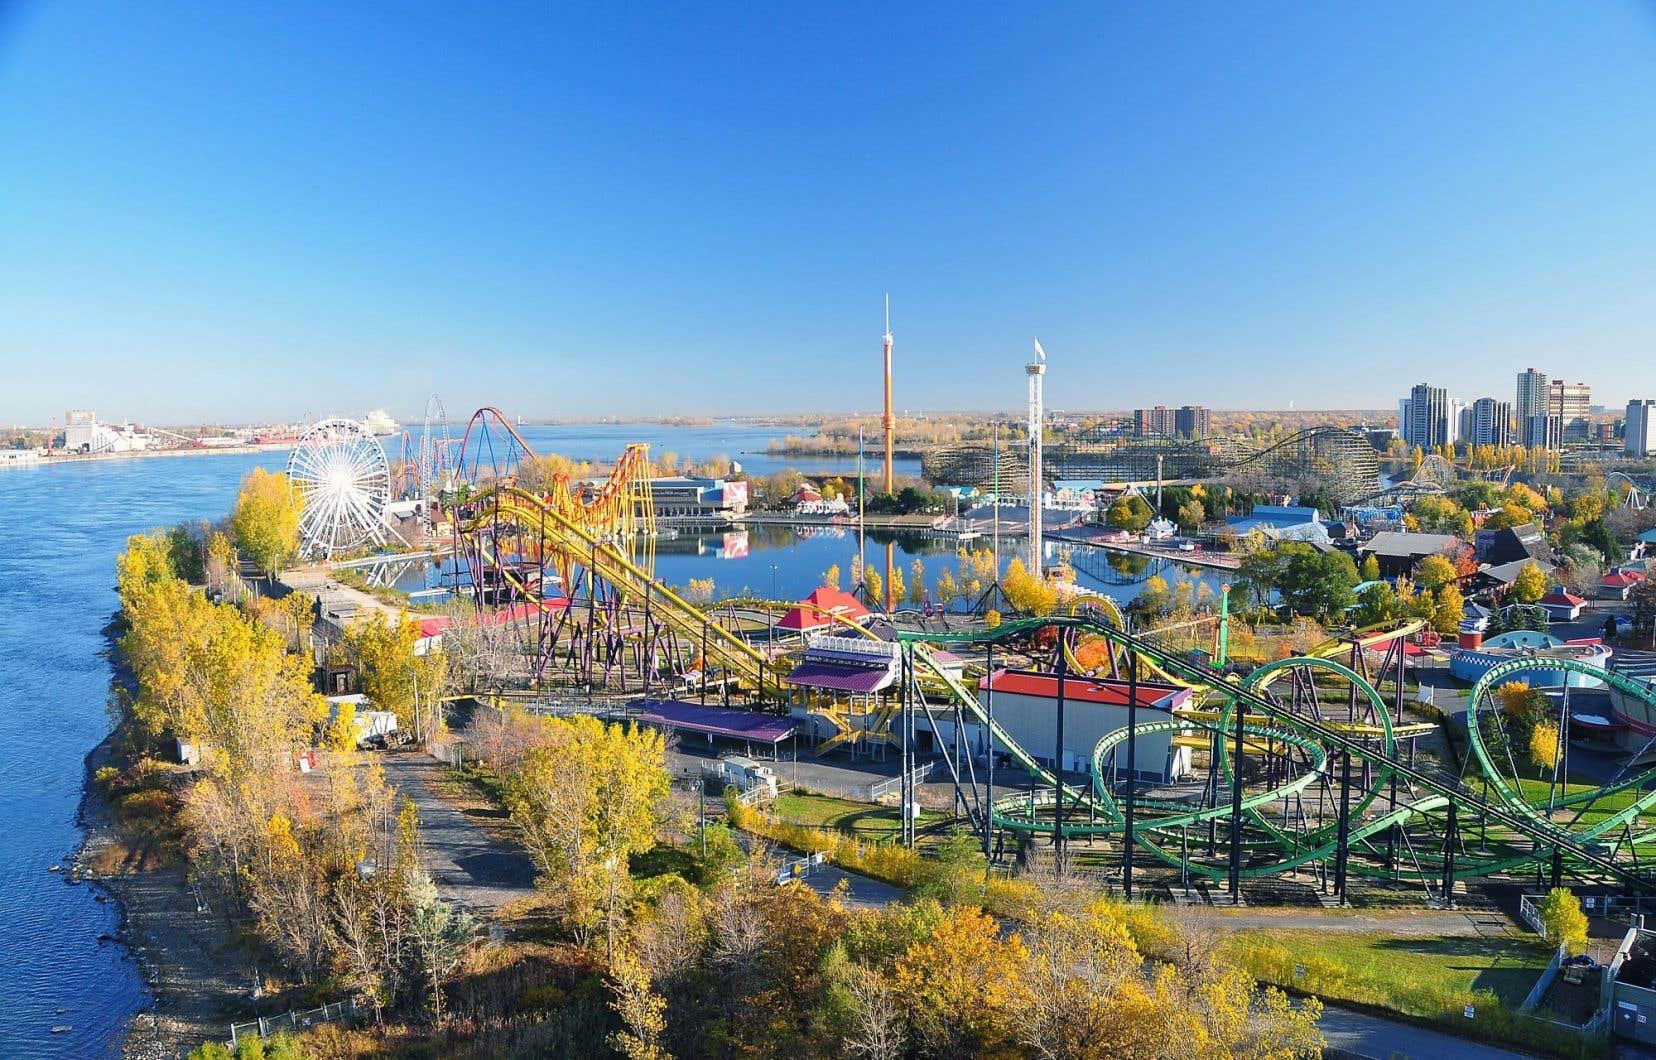 Propriétaire de La Ronde, Six Flags remet aux élus des billets pour le parc d'attractions depuis des années en vertu d'une entente conclue avec la Ville.